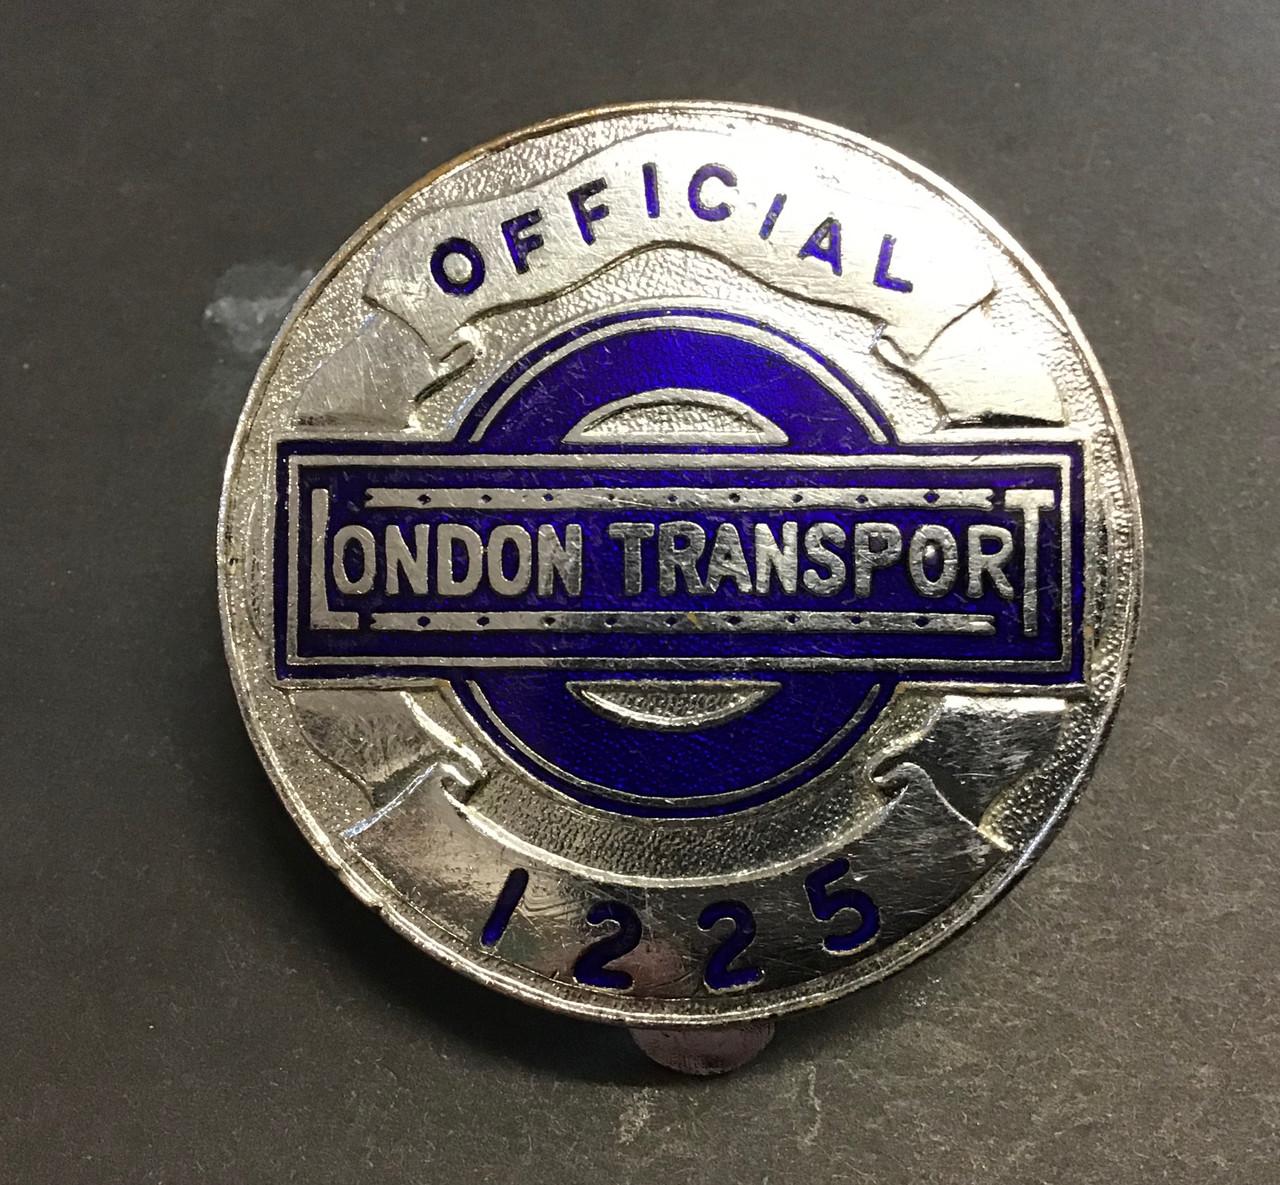 GD 653 LONDON TRANSPORT OFFICIALS PLATE